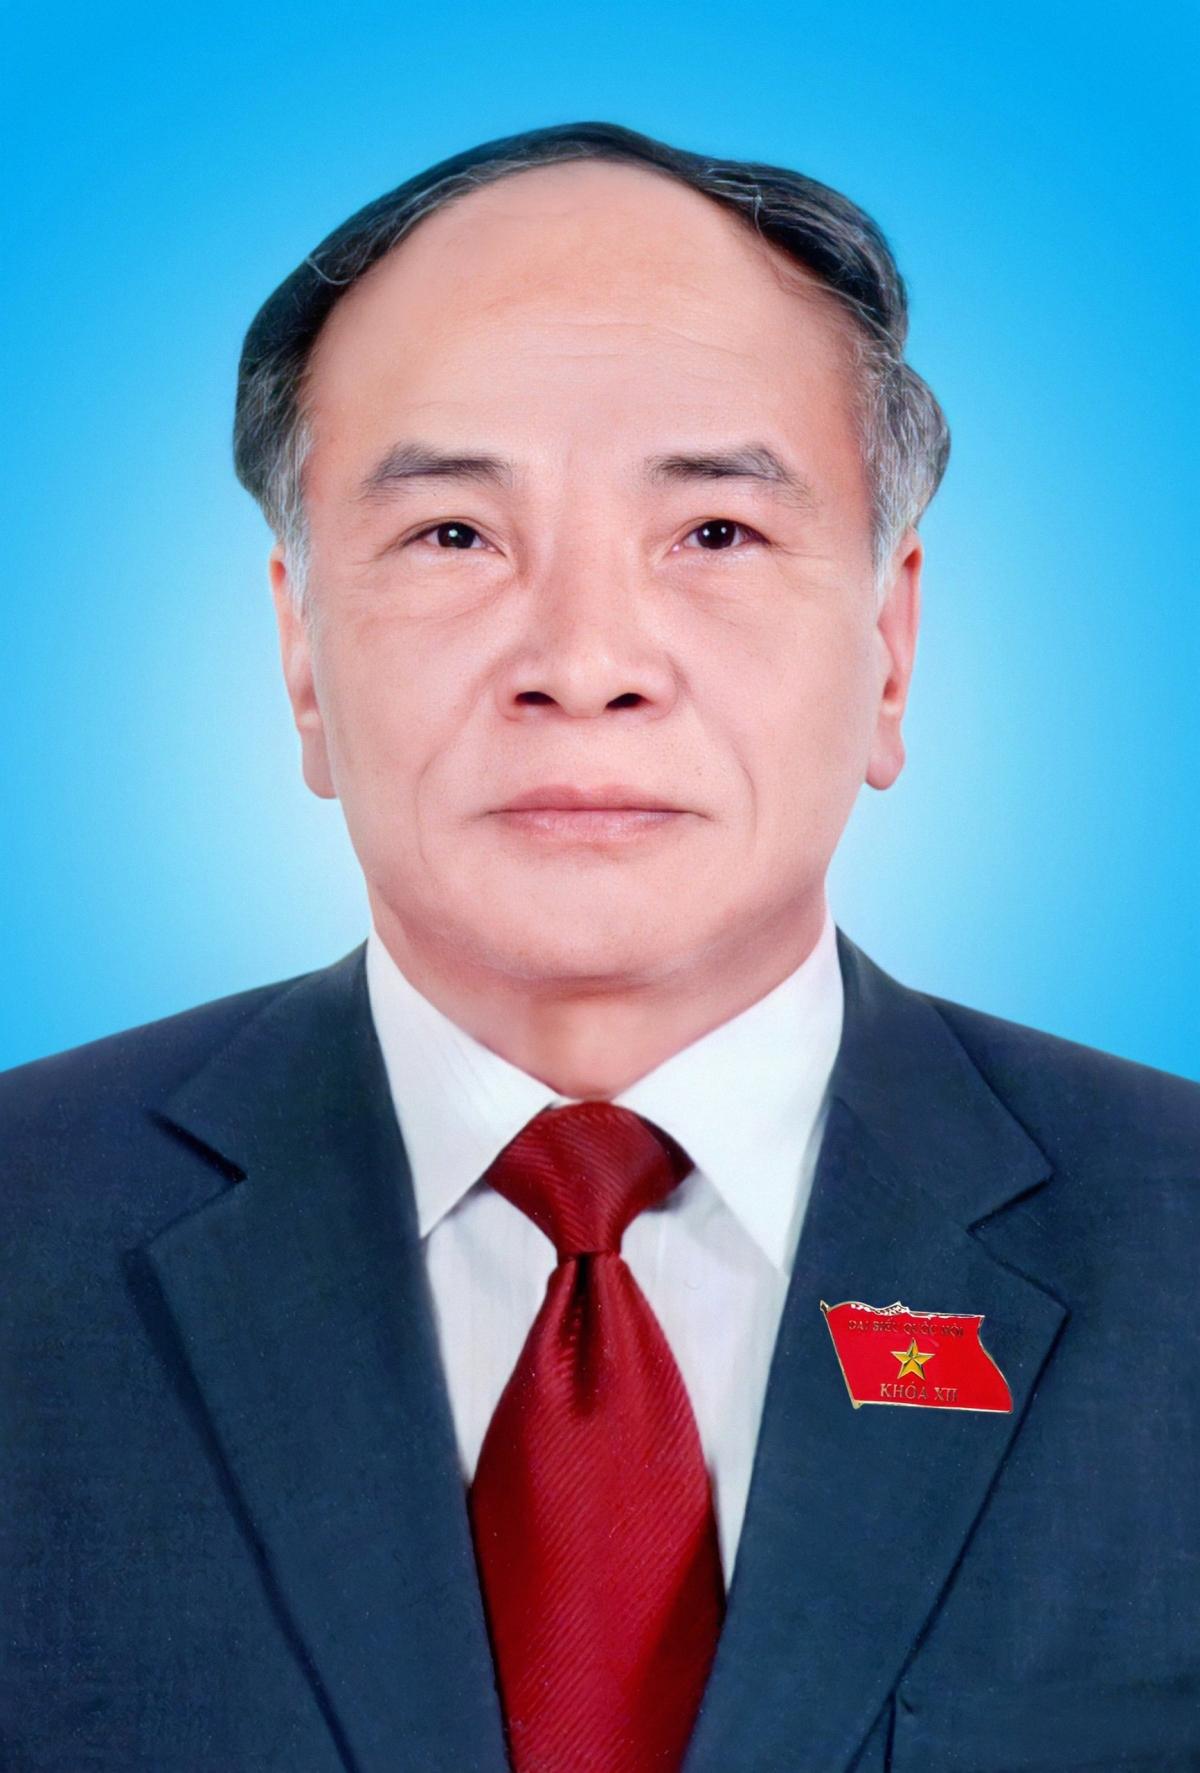 Nguyên Ủy viên Ủy ban thường vụ Quốc hội khóa XII Trần Thế Vượng.